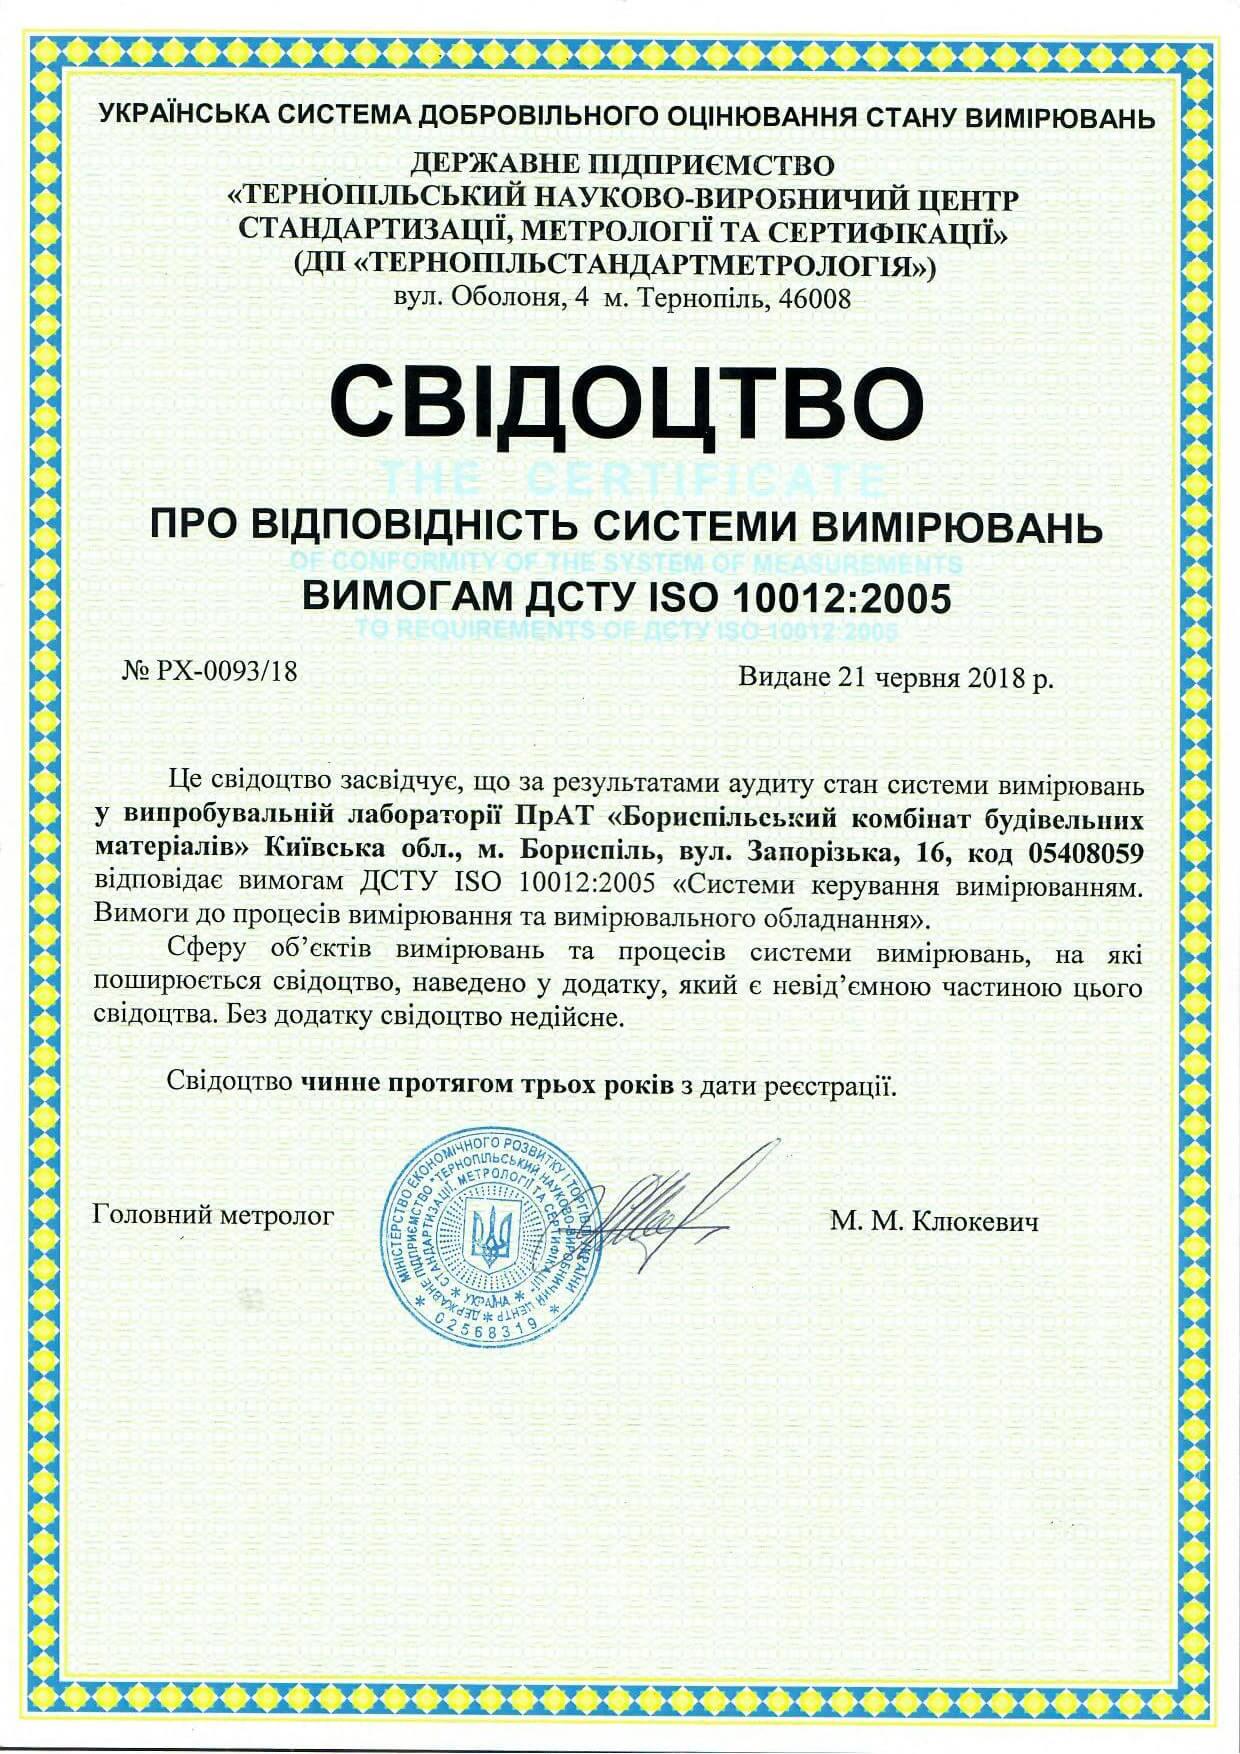 сертификат песок